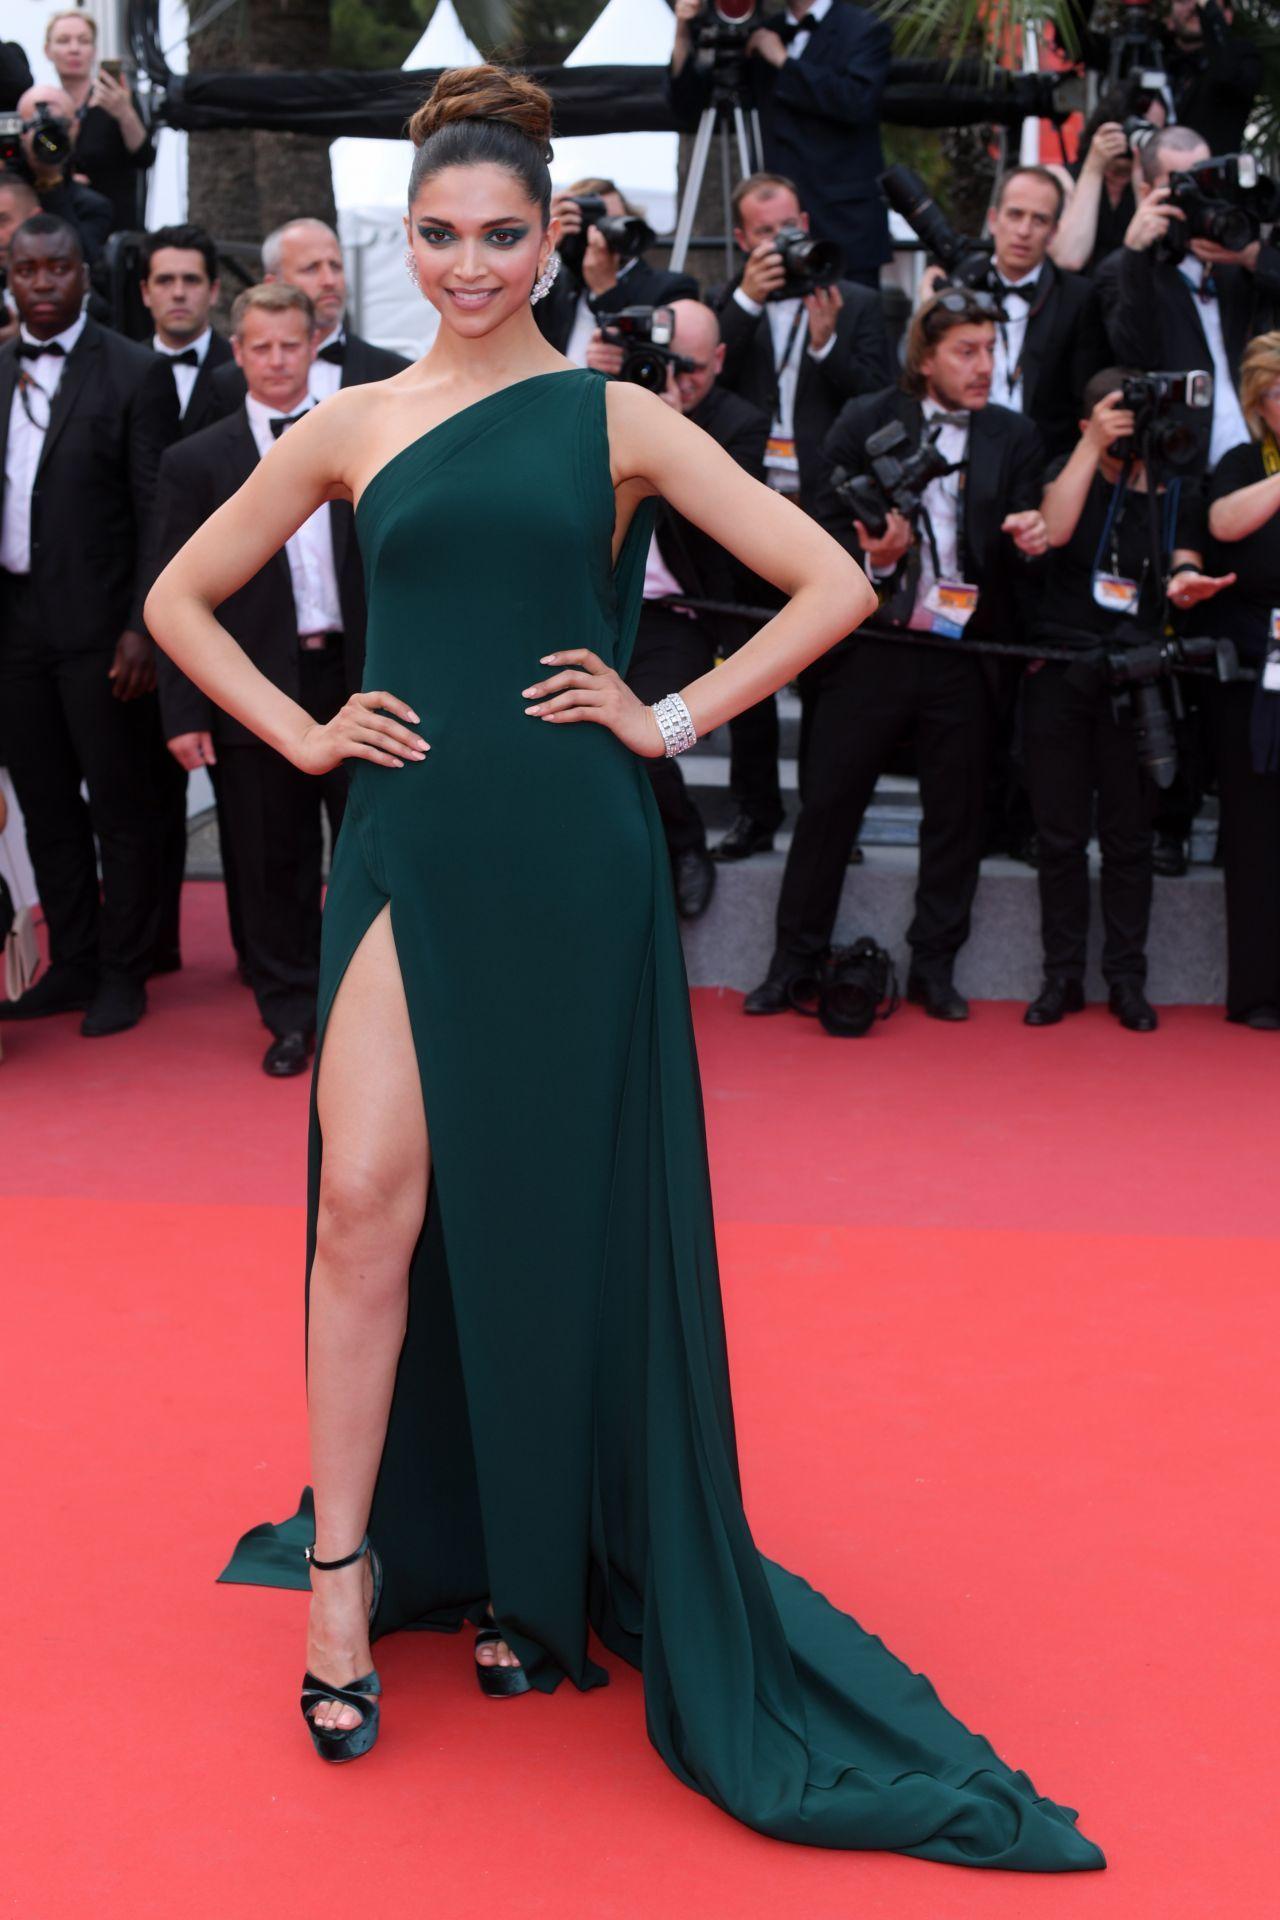 दीपिका पदुकोणने कान्स फिल्म फेस्टिव्हलमध्ये वन शोल्डर ड्रेसचा ट्रेण्ड फॉलो करताना दिसते. हिरव्या रंगाच्या ड्रेसमध्ये ती फार मादक दिसत असते.